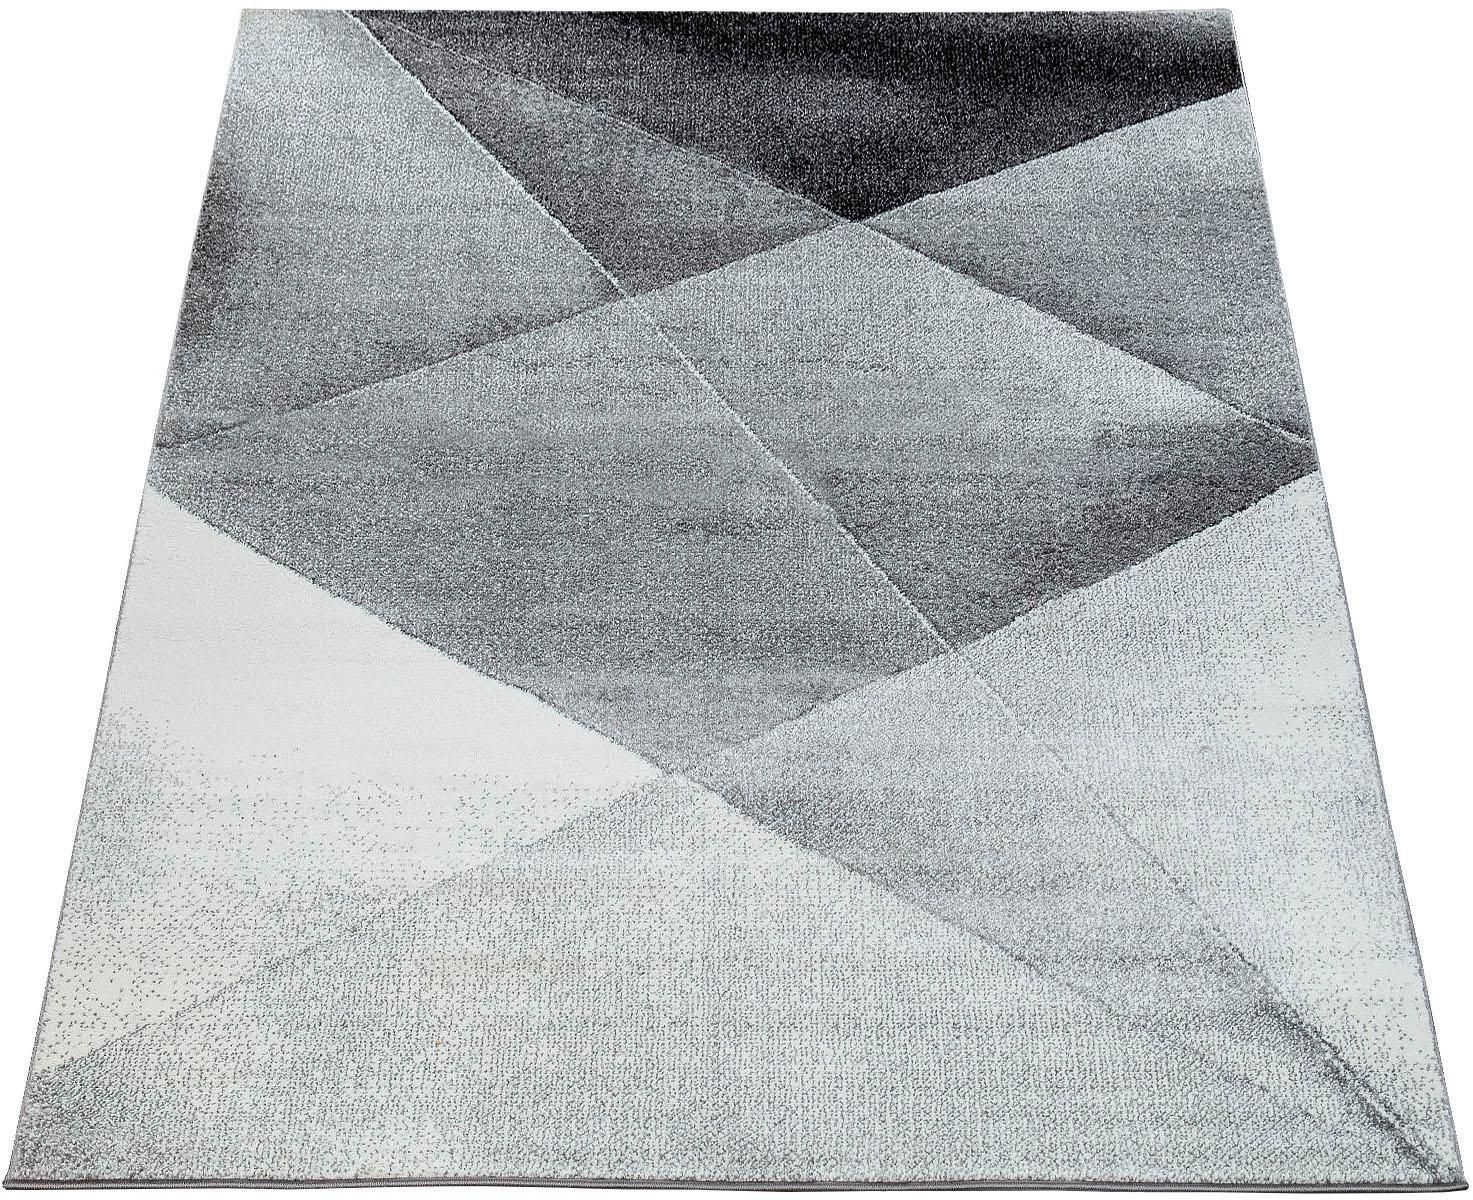 Teppich ECE 922 Paco Home rechteckig Höhe 14 mm maschinell gewebt